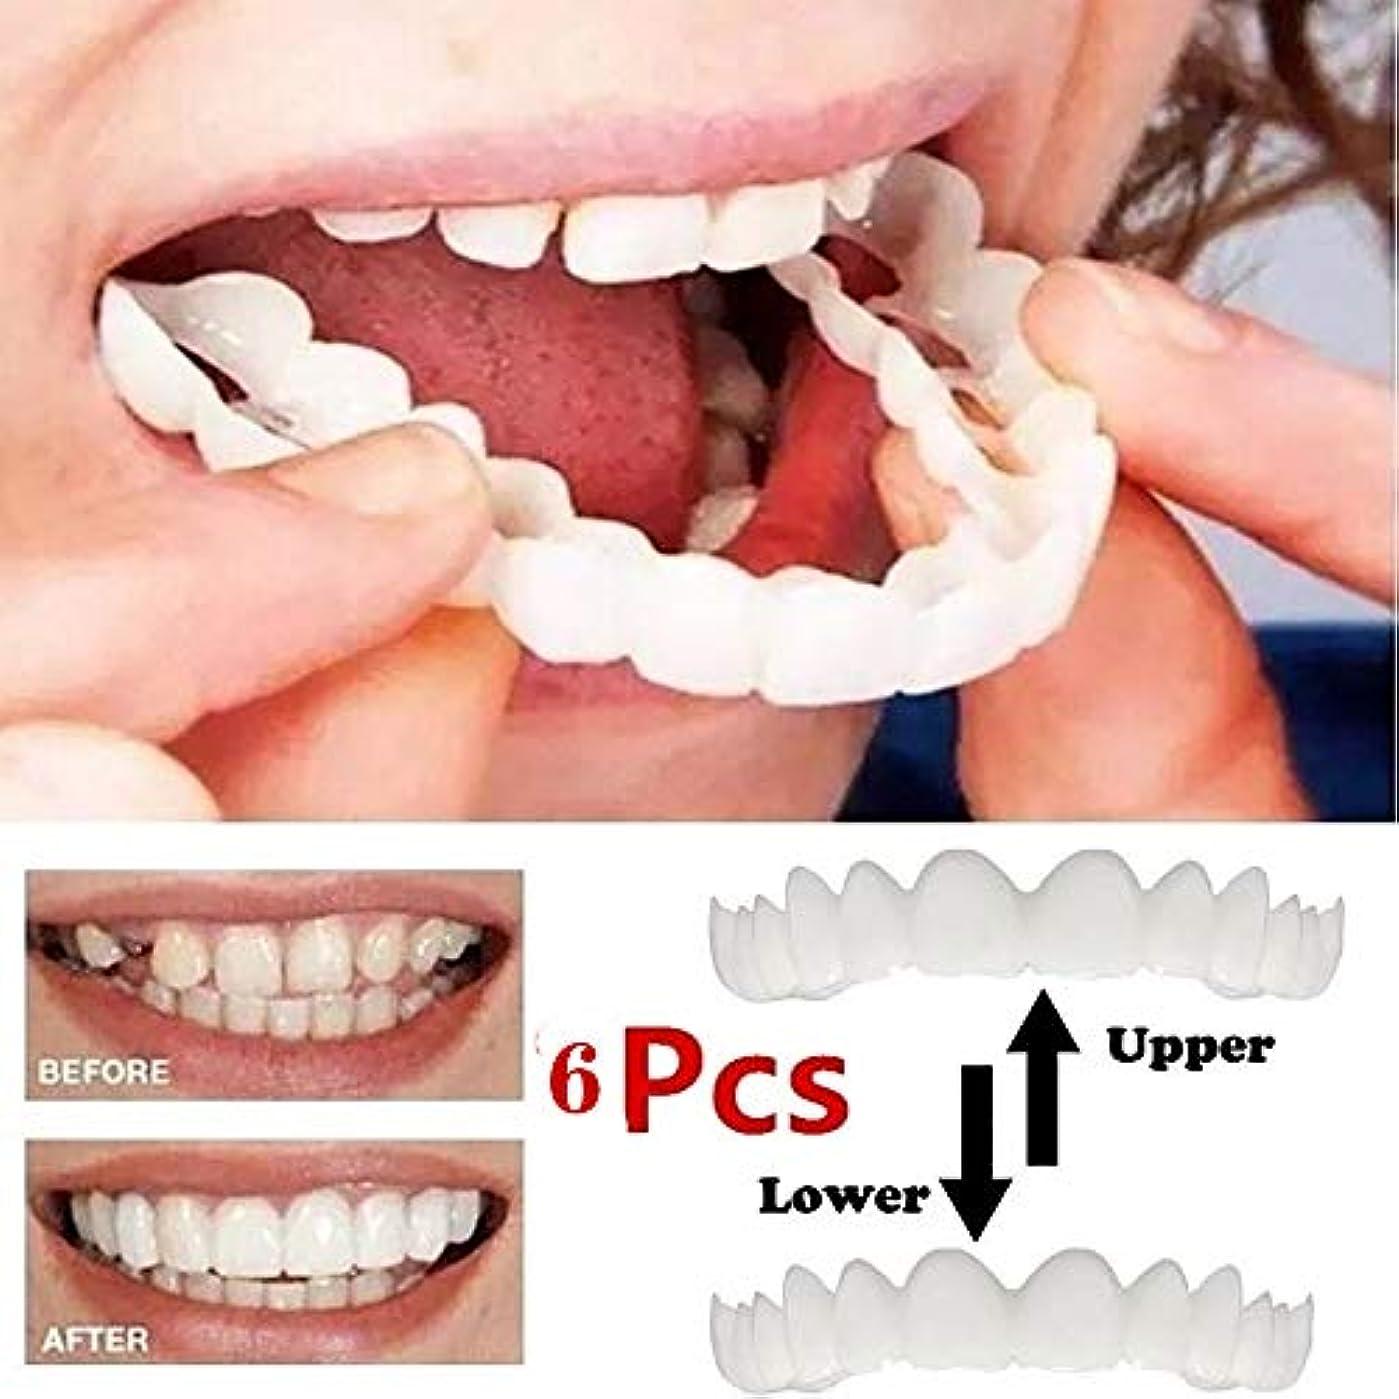 ラップトップ地球スマッシュ最新の突き板の歯、化粧品の歯3ペア - 一時的な笑顔の快適さフィットフレックス化粧品の歯、ワンサイズが最もフィット、快適なトップとボトムベニア - 歯突き板(ボトム+トップ)